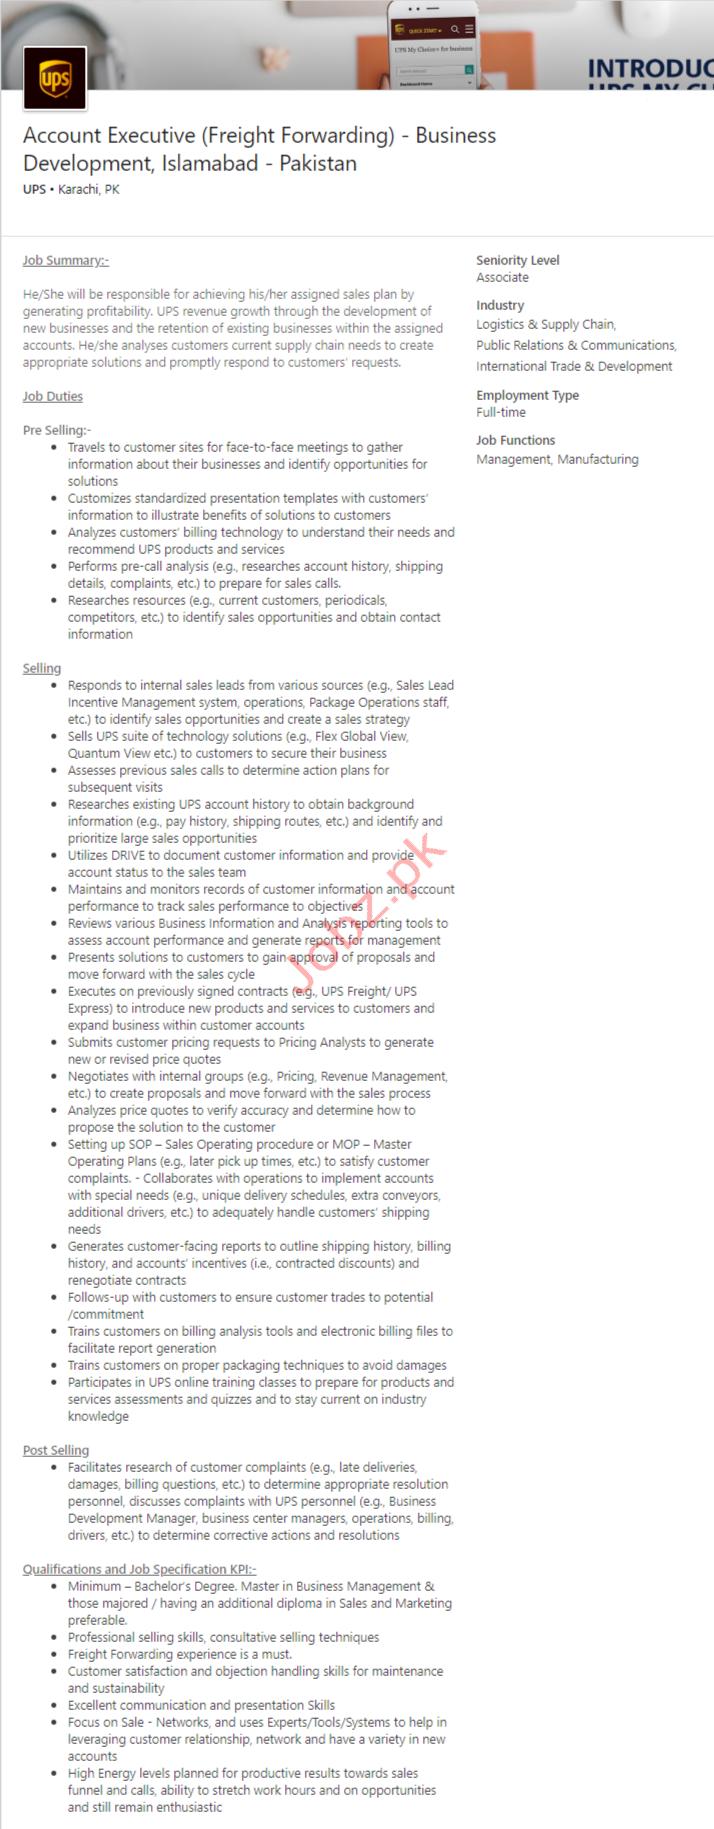 Accounts Executive Jobs in Islamabad